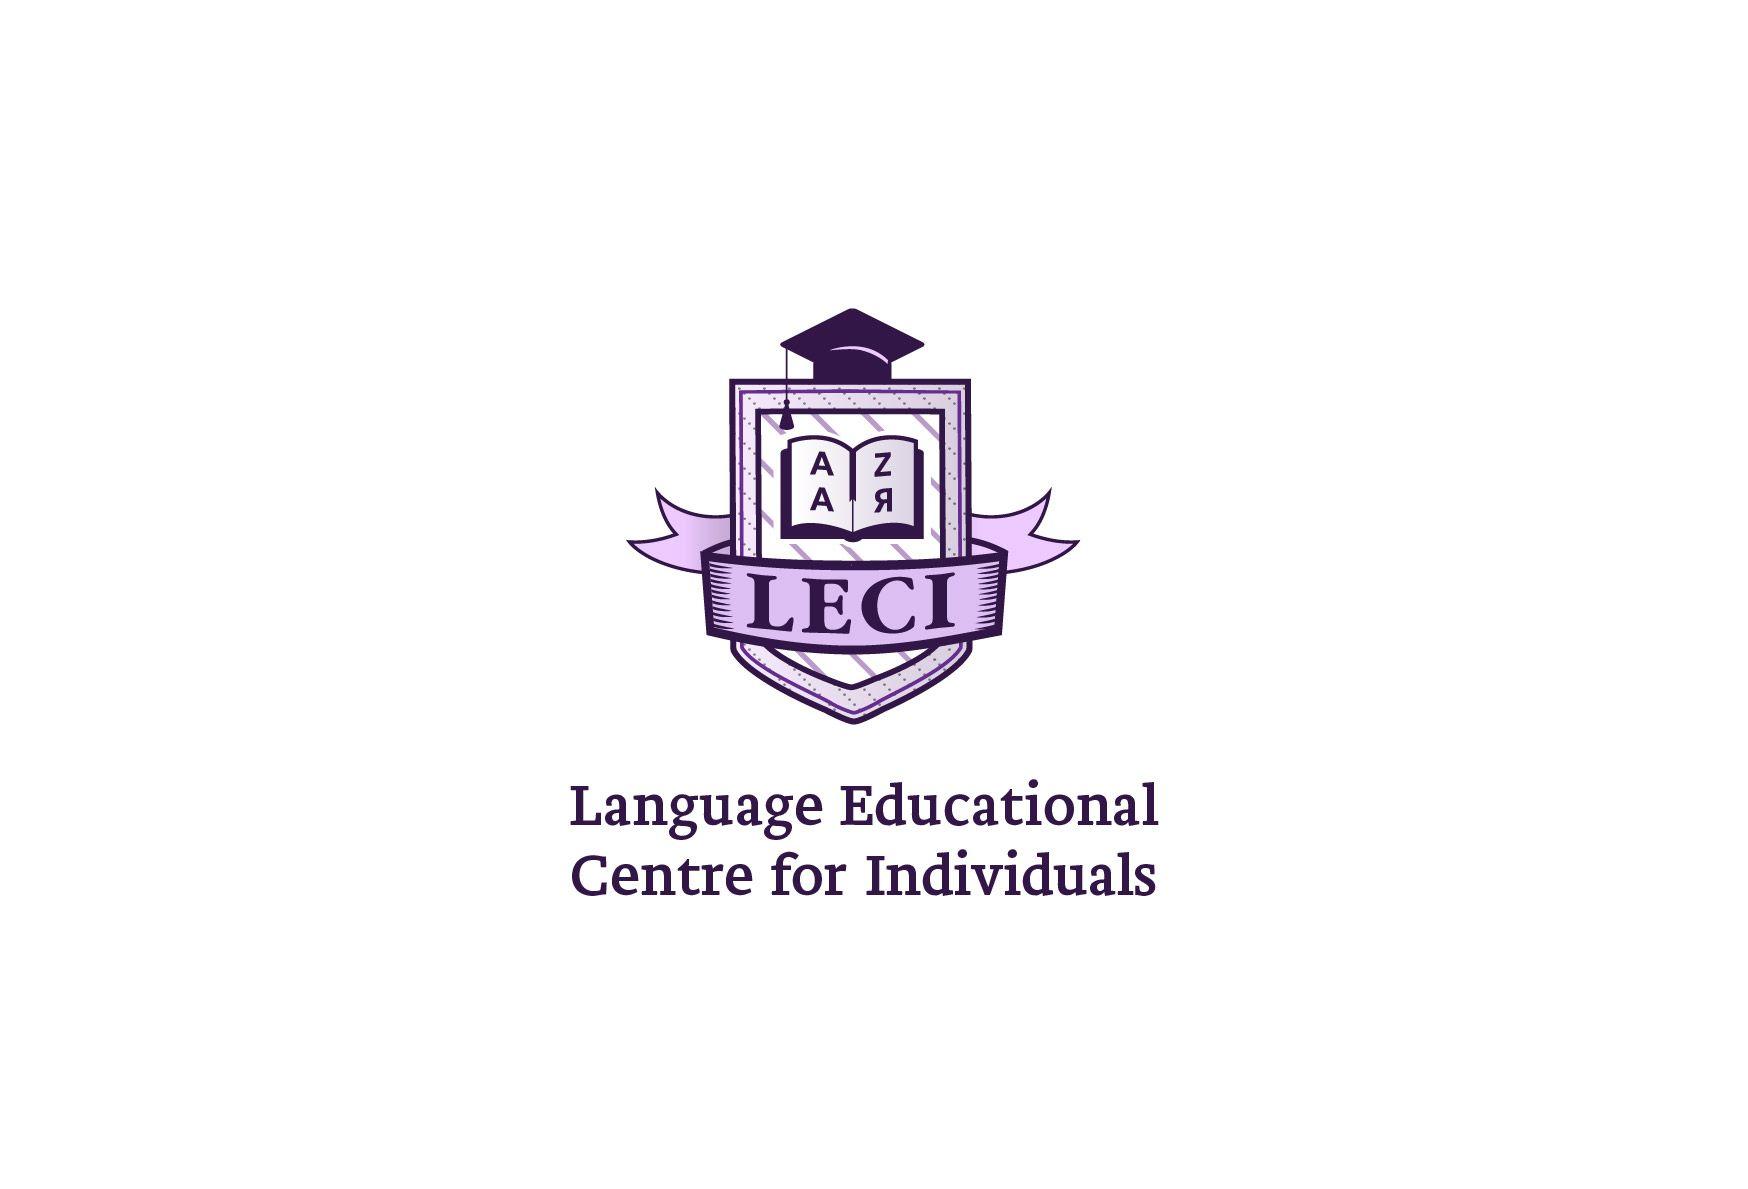 Лого для образовательного учреждения LECI  - дизайнер V0va